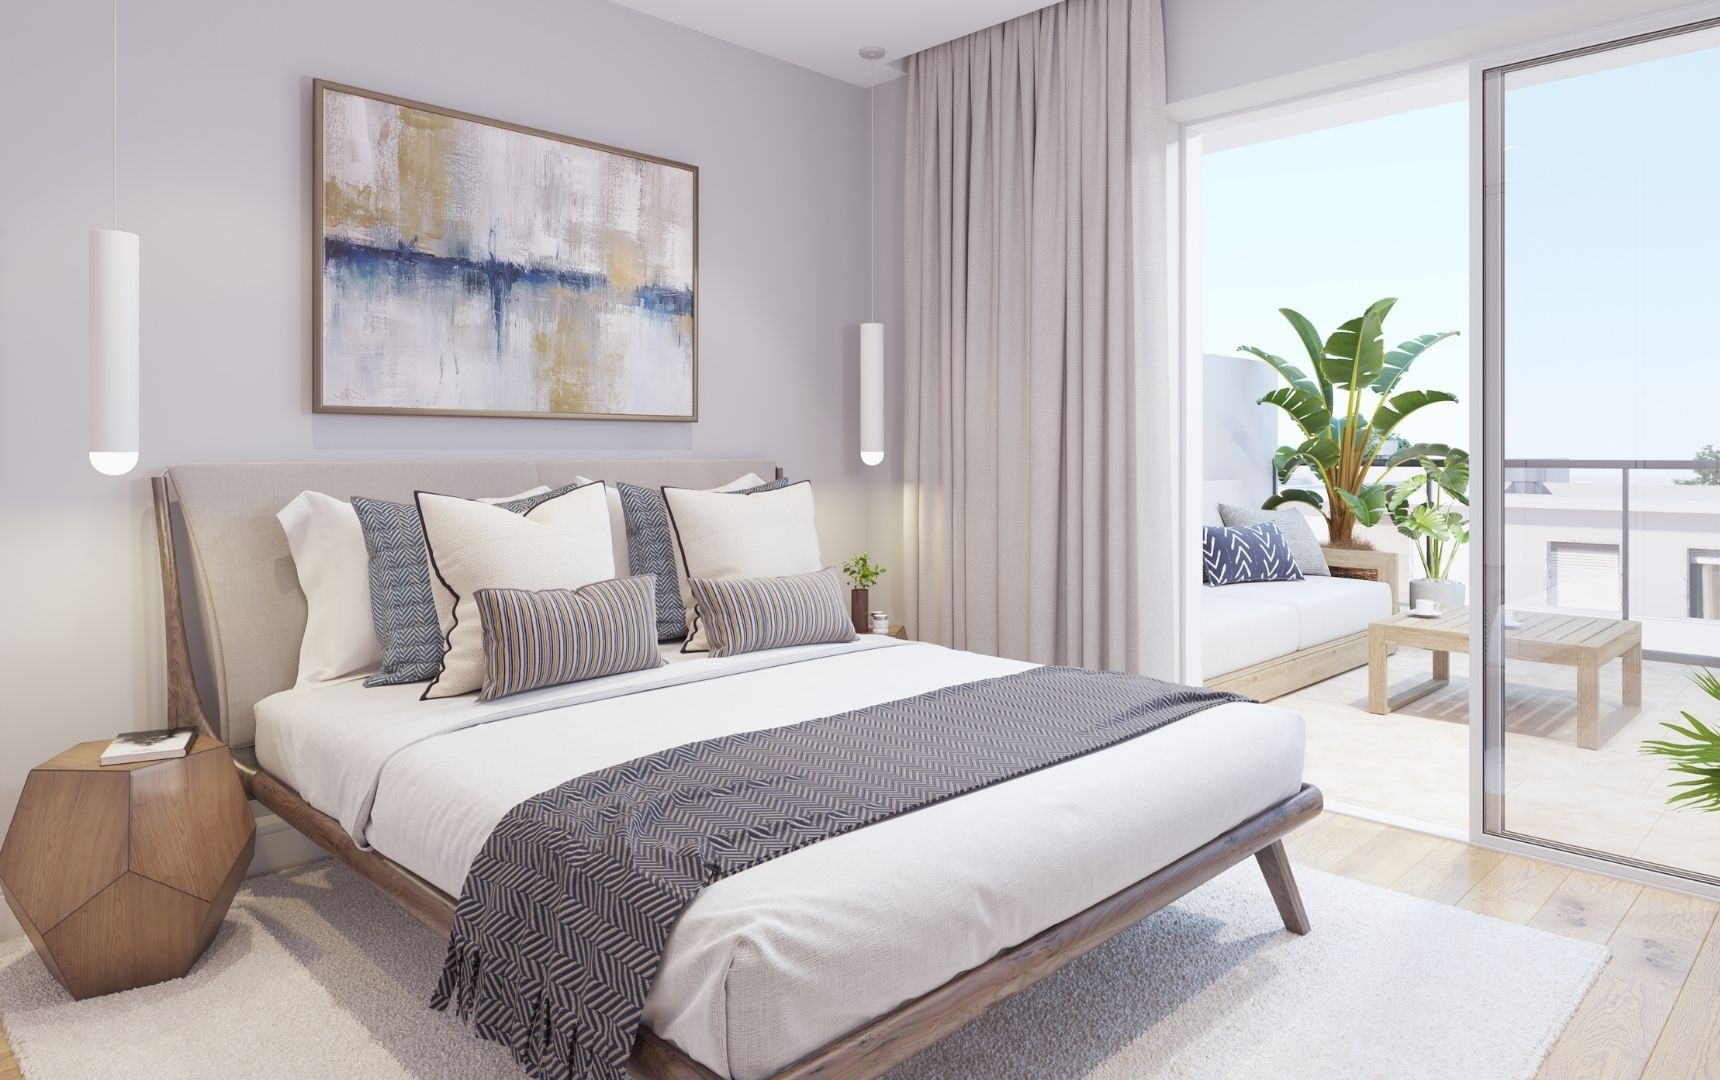 Novo projeto imobiliário no Algarve com 32 apartamentos – assim é o 'The Shipyard'